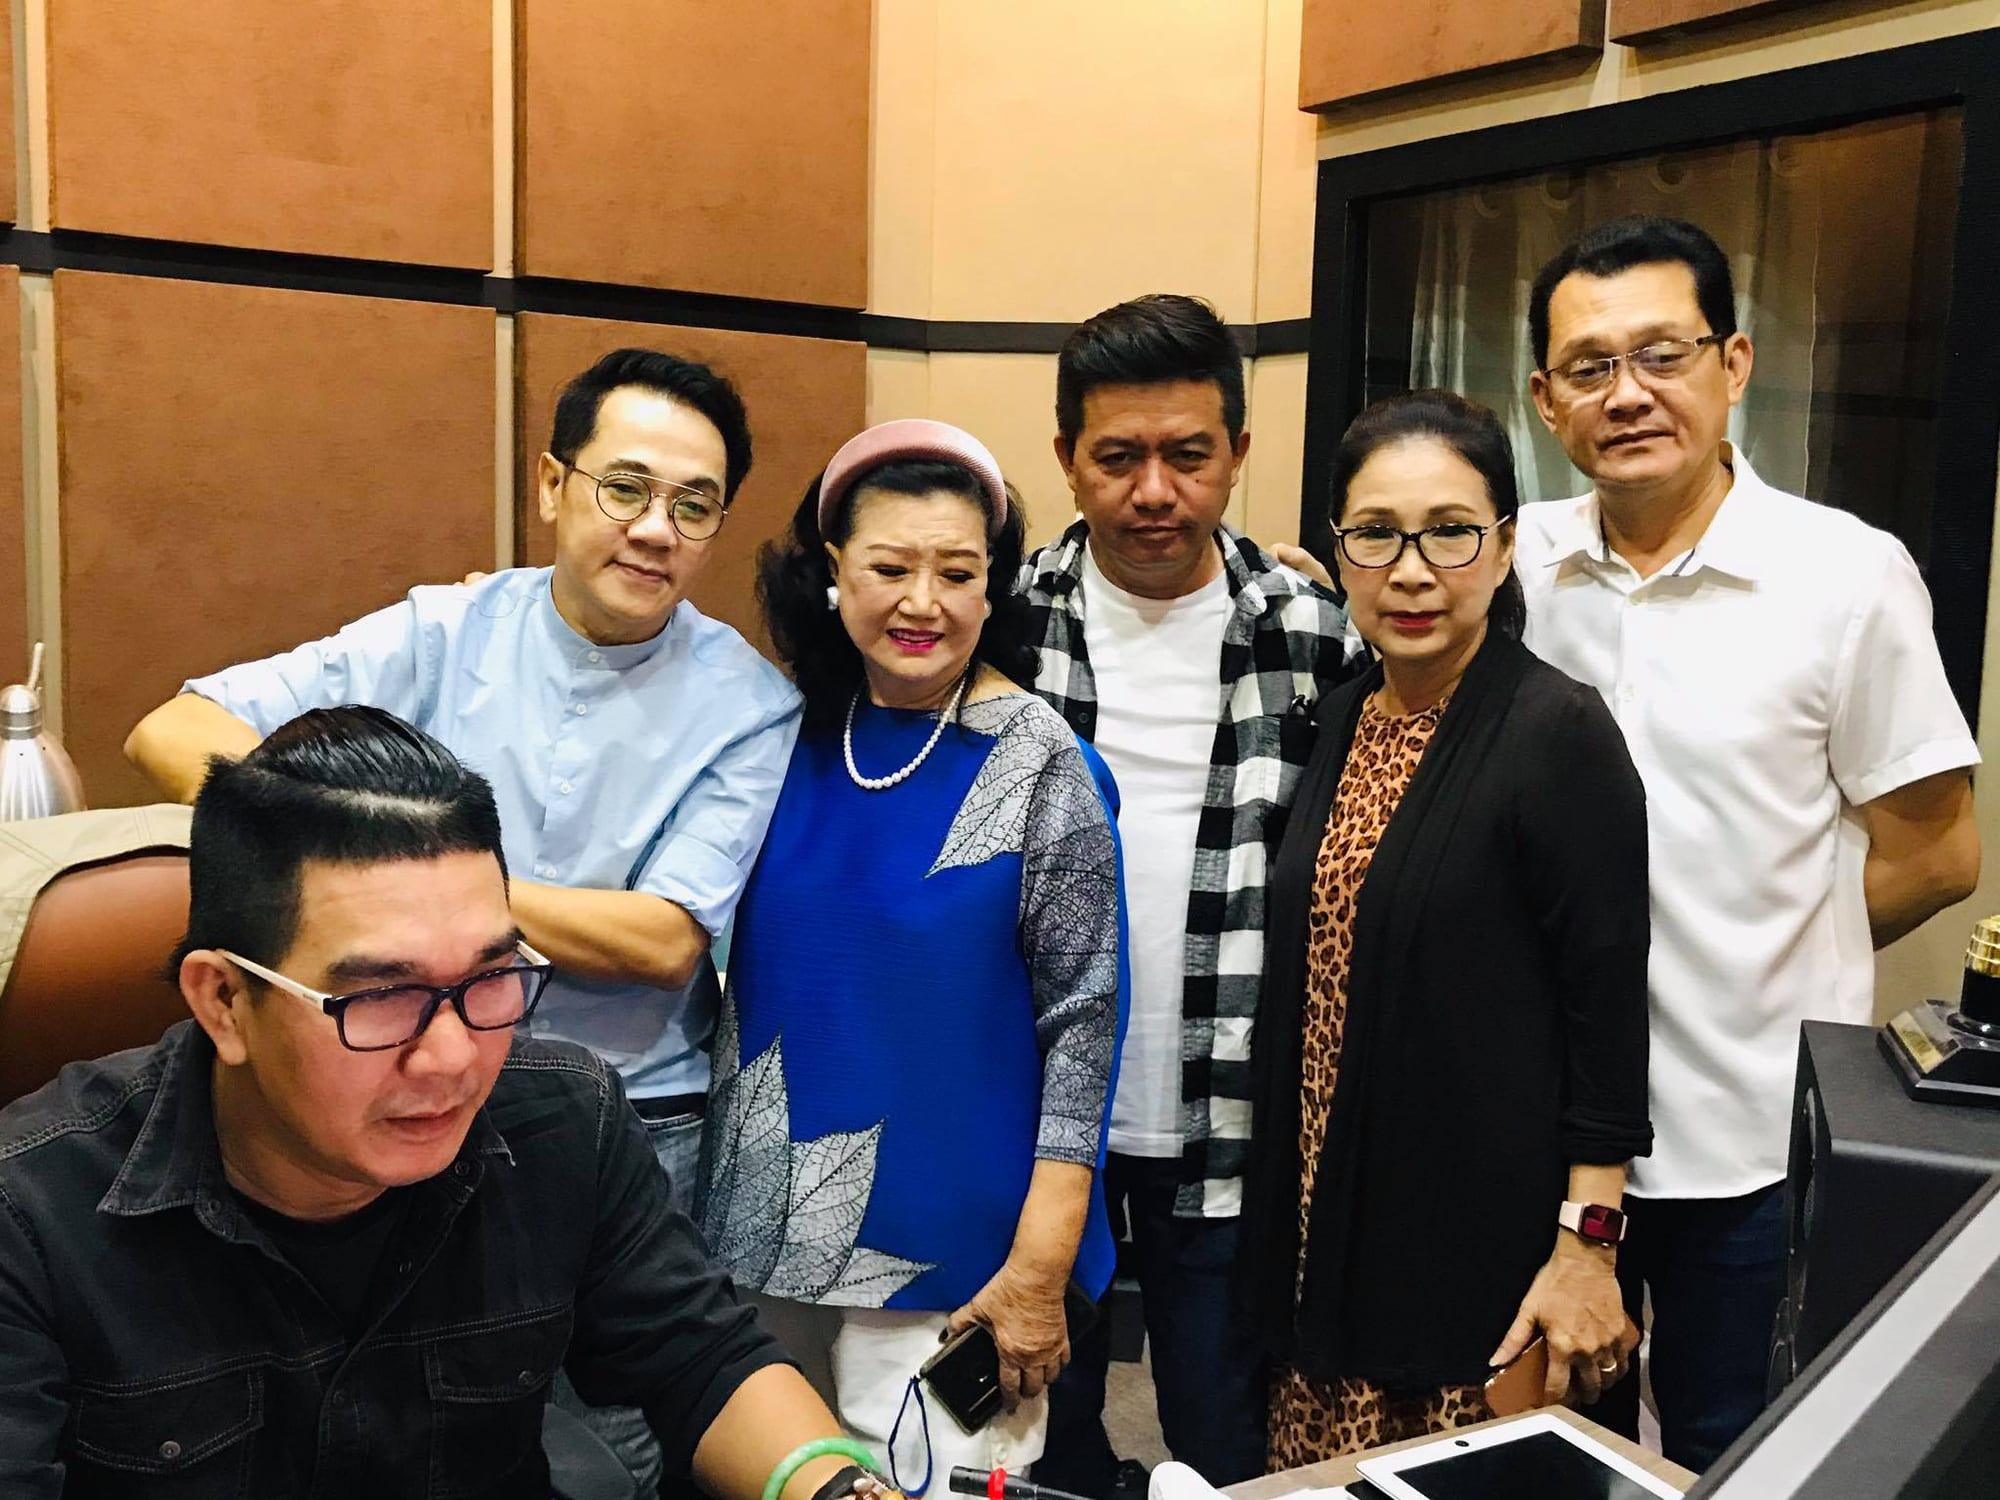 Thâm nhập hậu trường thu âm hồi ký Kỳ nữ Kim Cương cùng 3 nghệ sĩ - Ảnh 1.